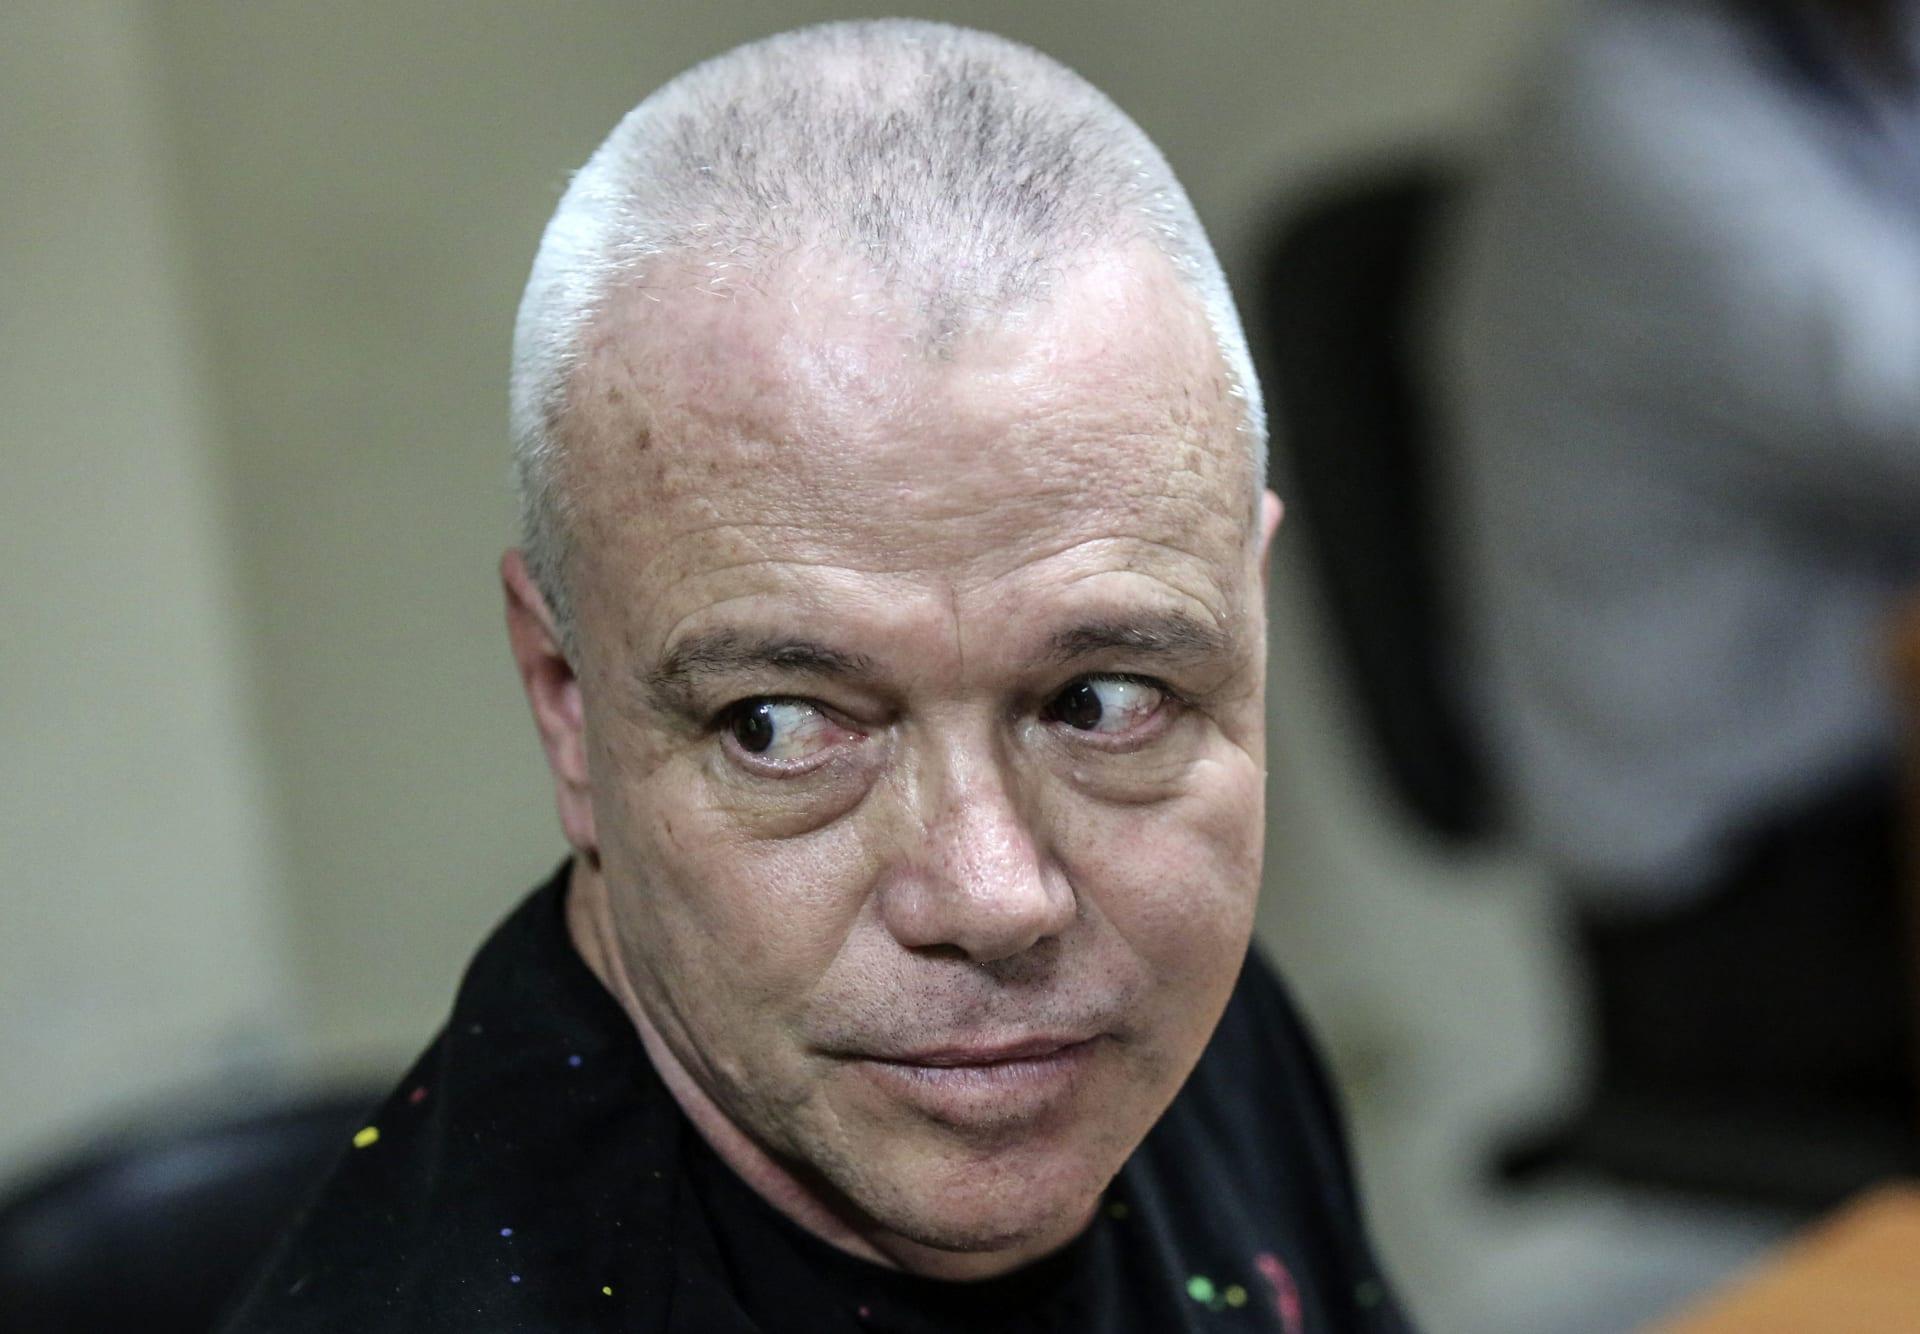 """وفاة """"باباي"""" مهندس شبكة الاغتيالات لصالح بارون المخدرات الكولومبي بابلو اسكوبار"""